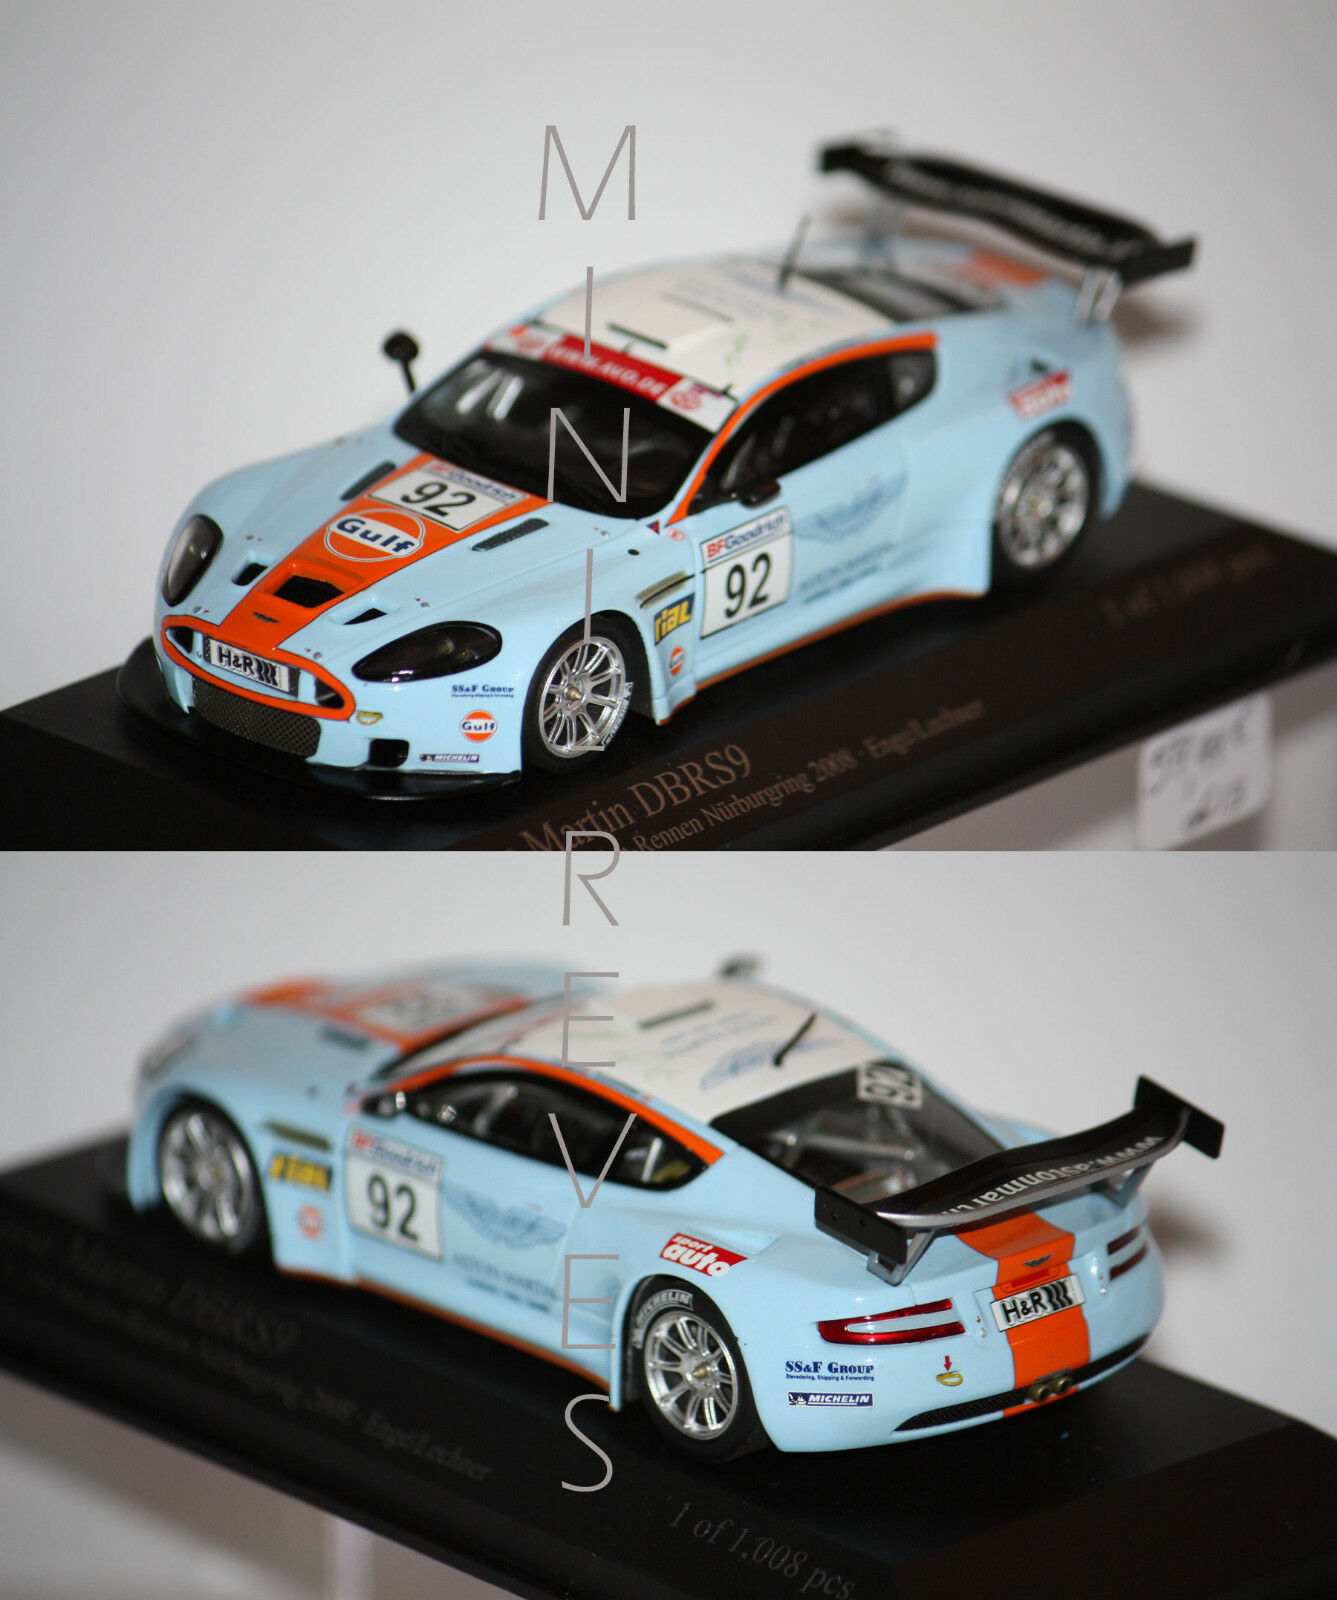 contador genuino Minichamps Aston Martin Dbrs9 Nurburgring 2008 2008 2008 1 43 400081392  el estilo clásico